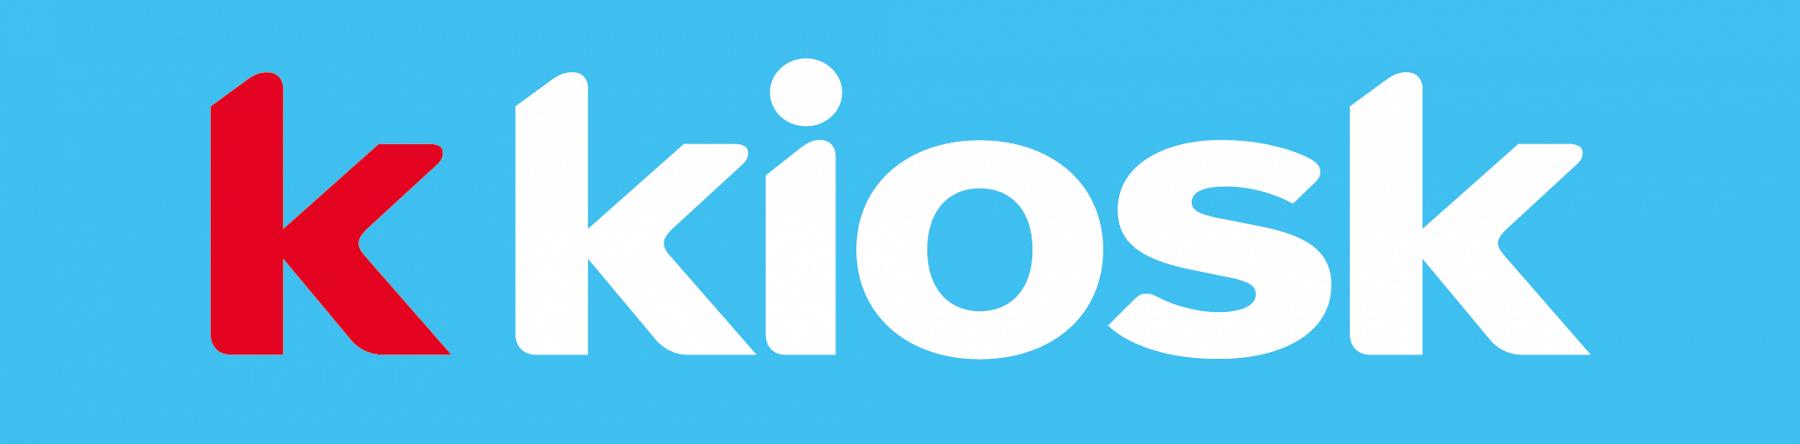 logo_kkiosk